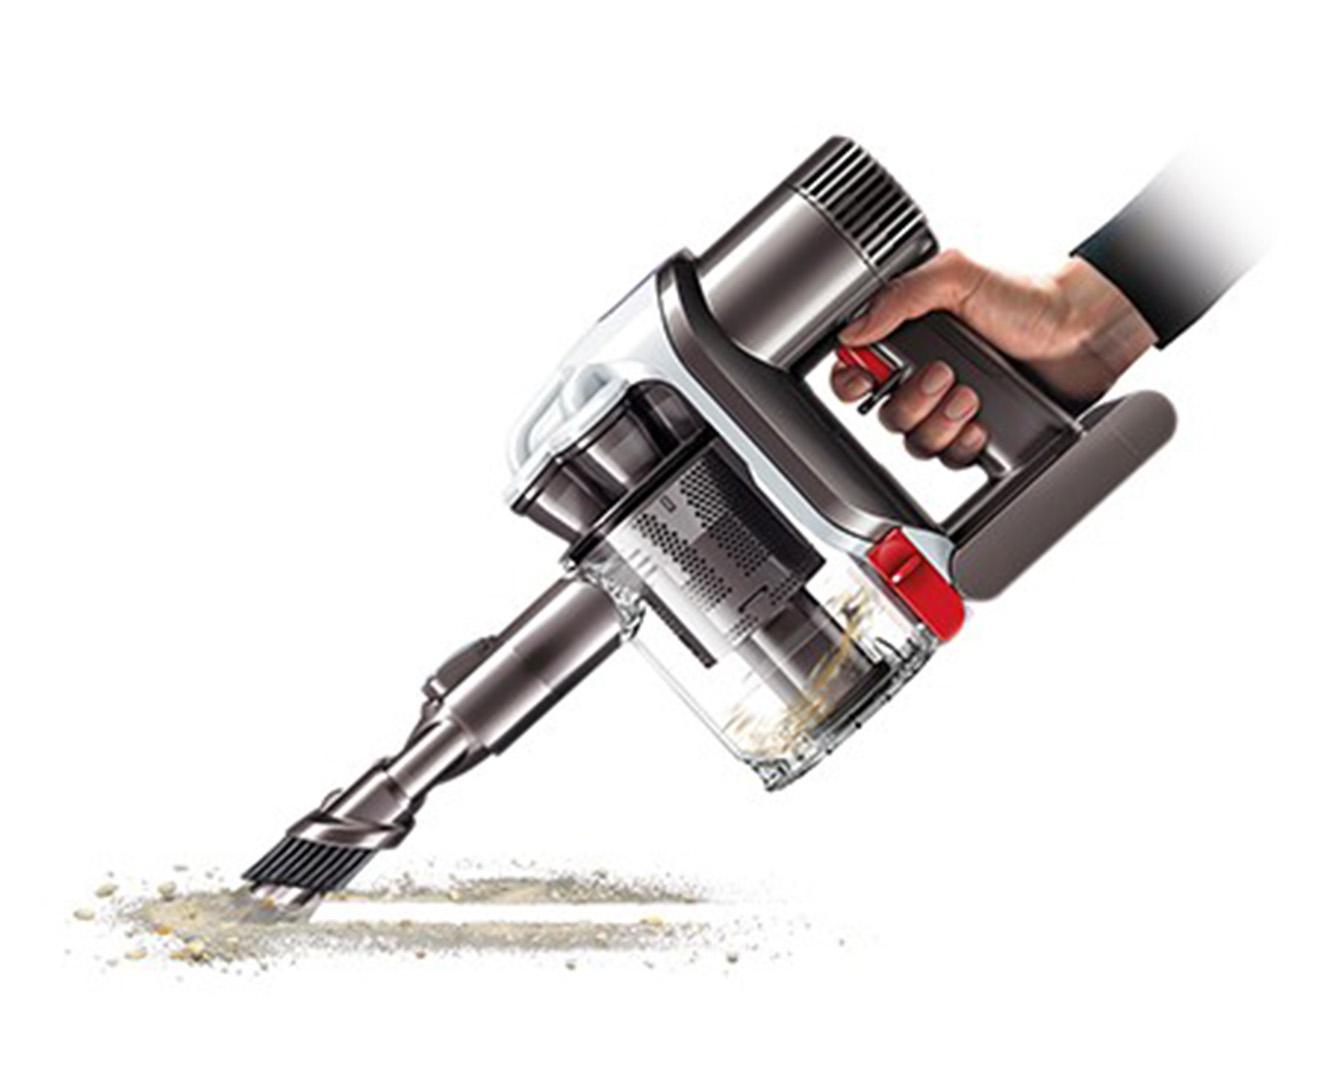 dyson dc45 handstick vacuum cleaner grey. Black Bedroom Furniture Sets. Home Design Ideas